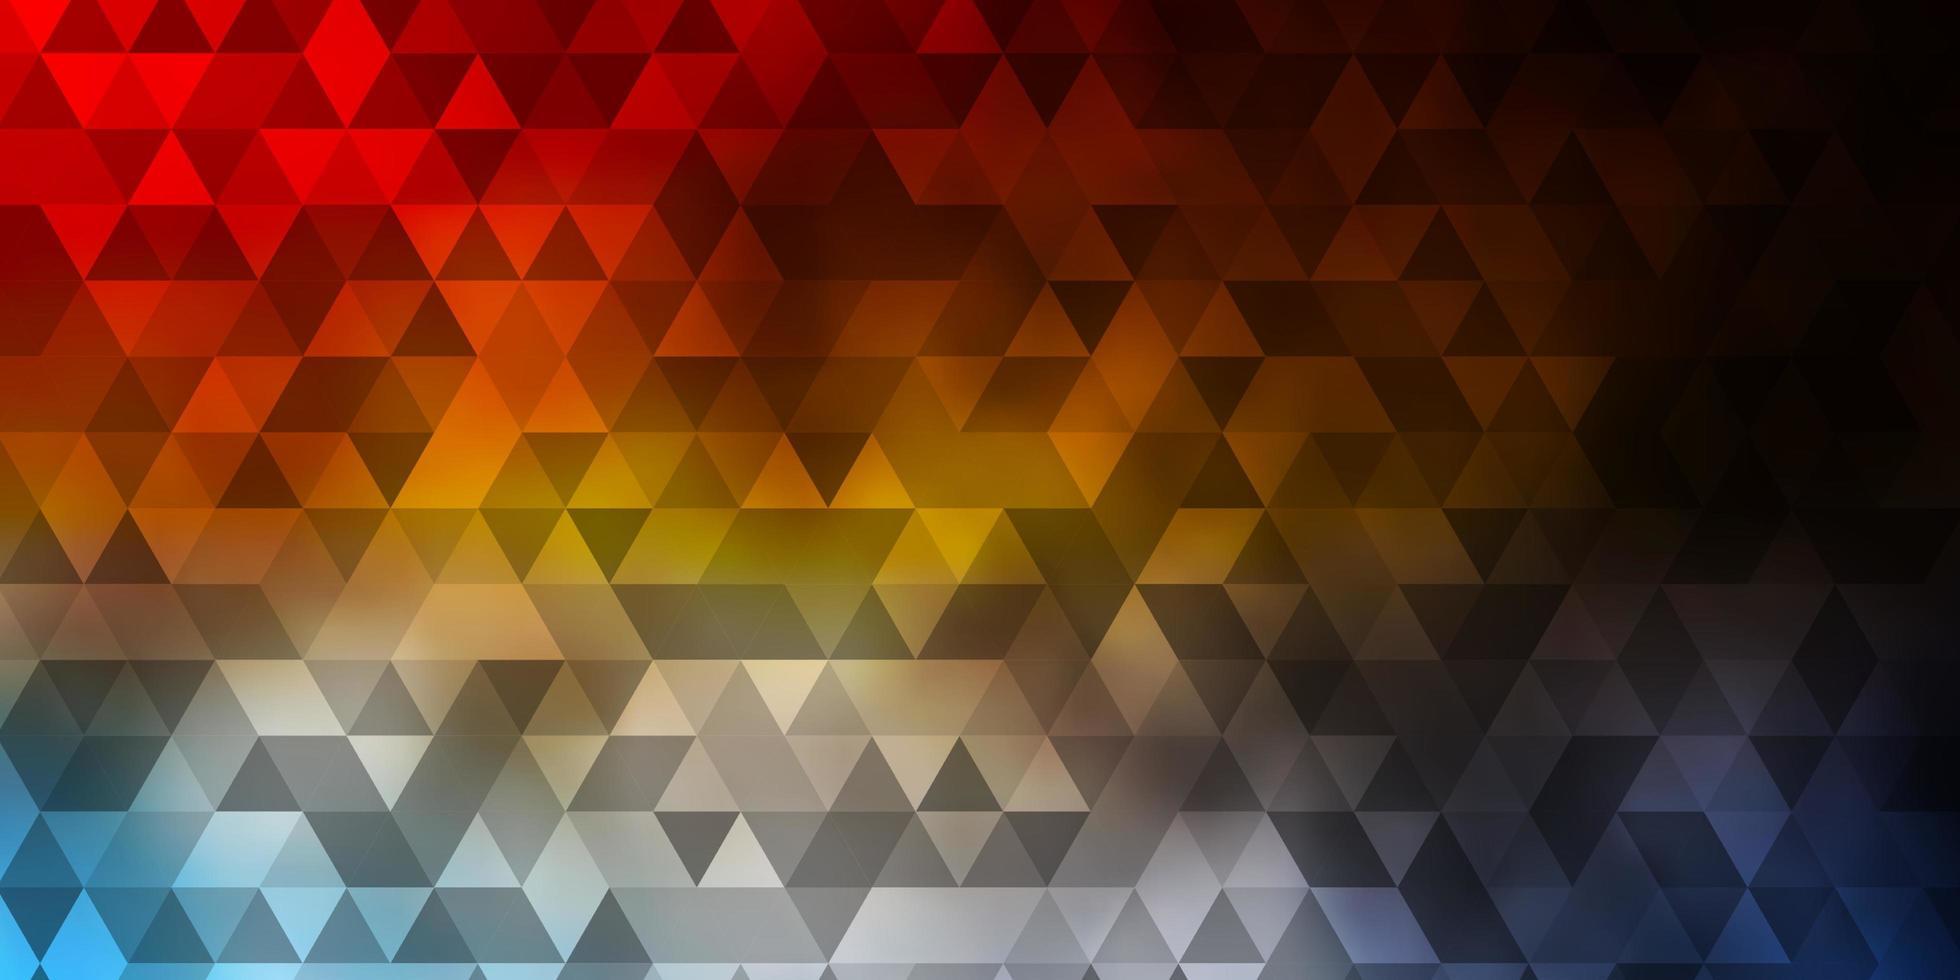 fondo azul claro, amarillo con estilo poligonal. vector